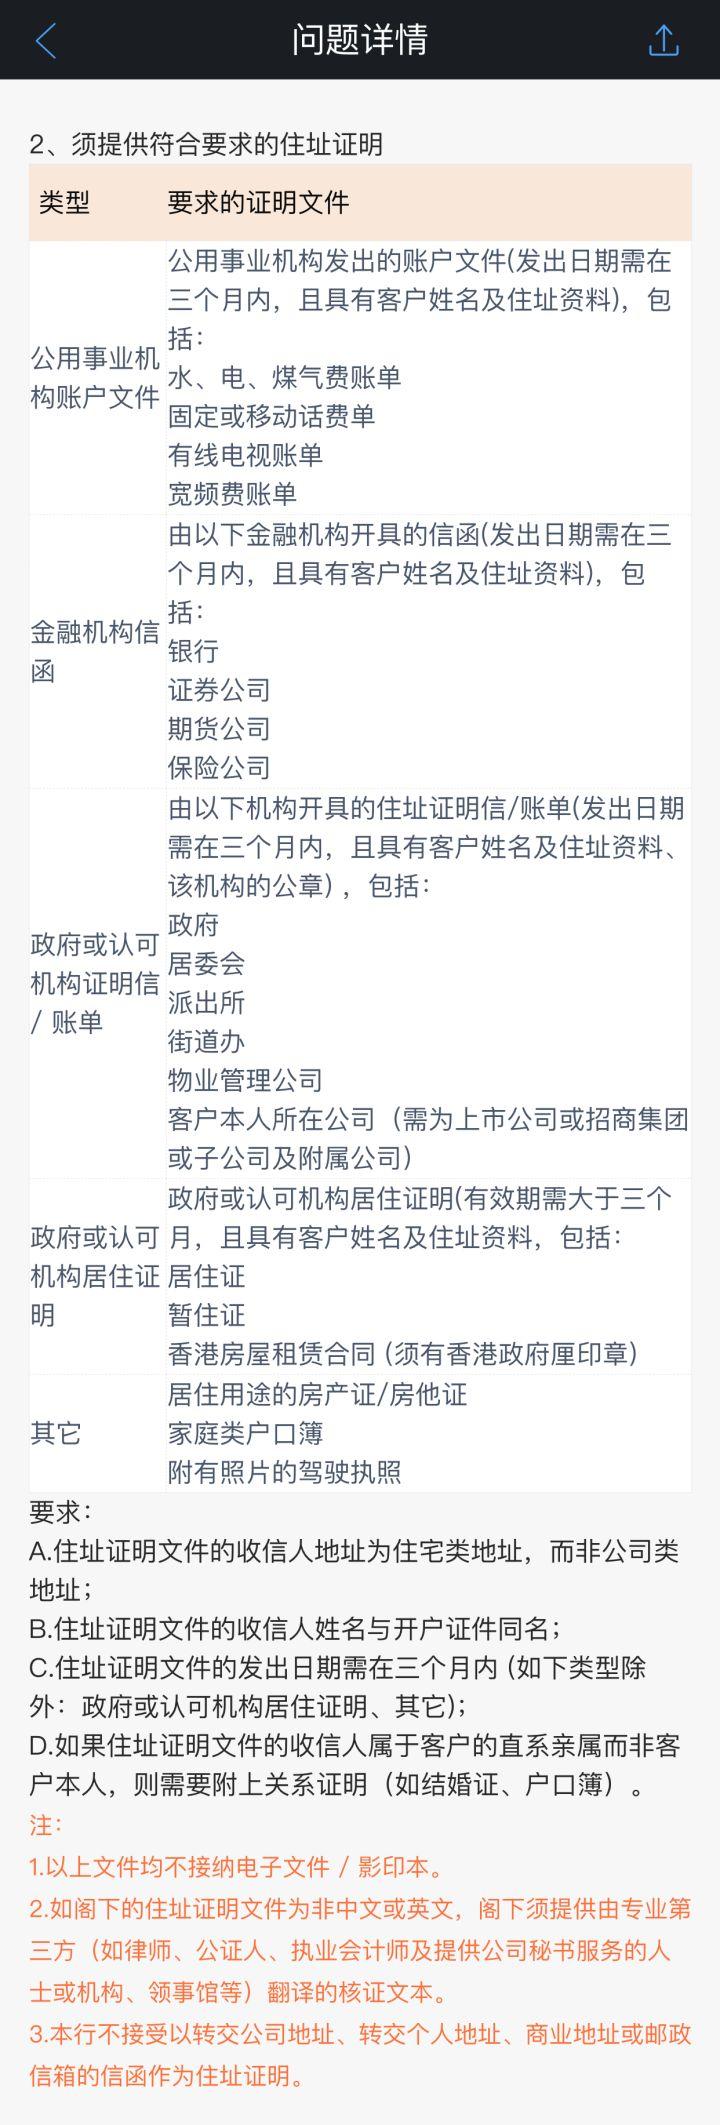 如何开立香港个人账户?